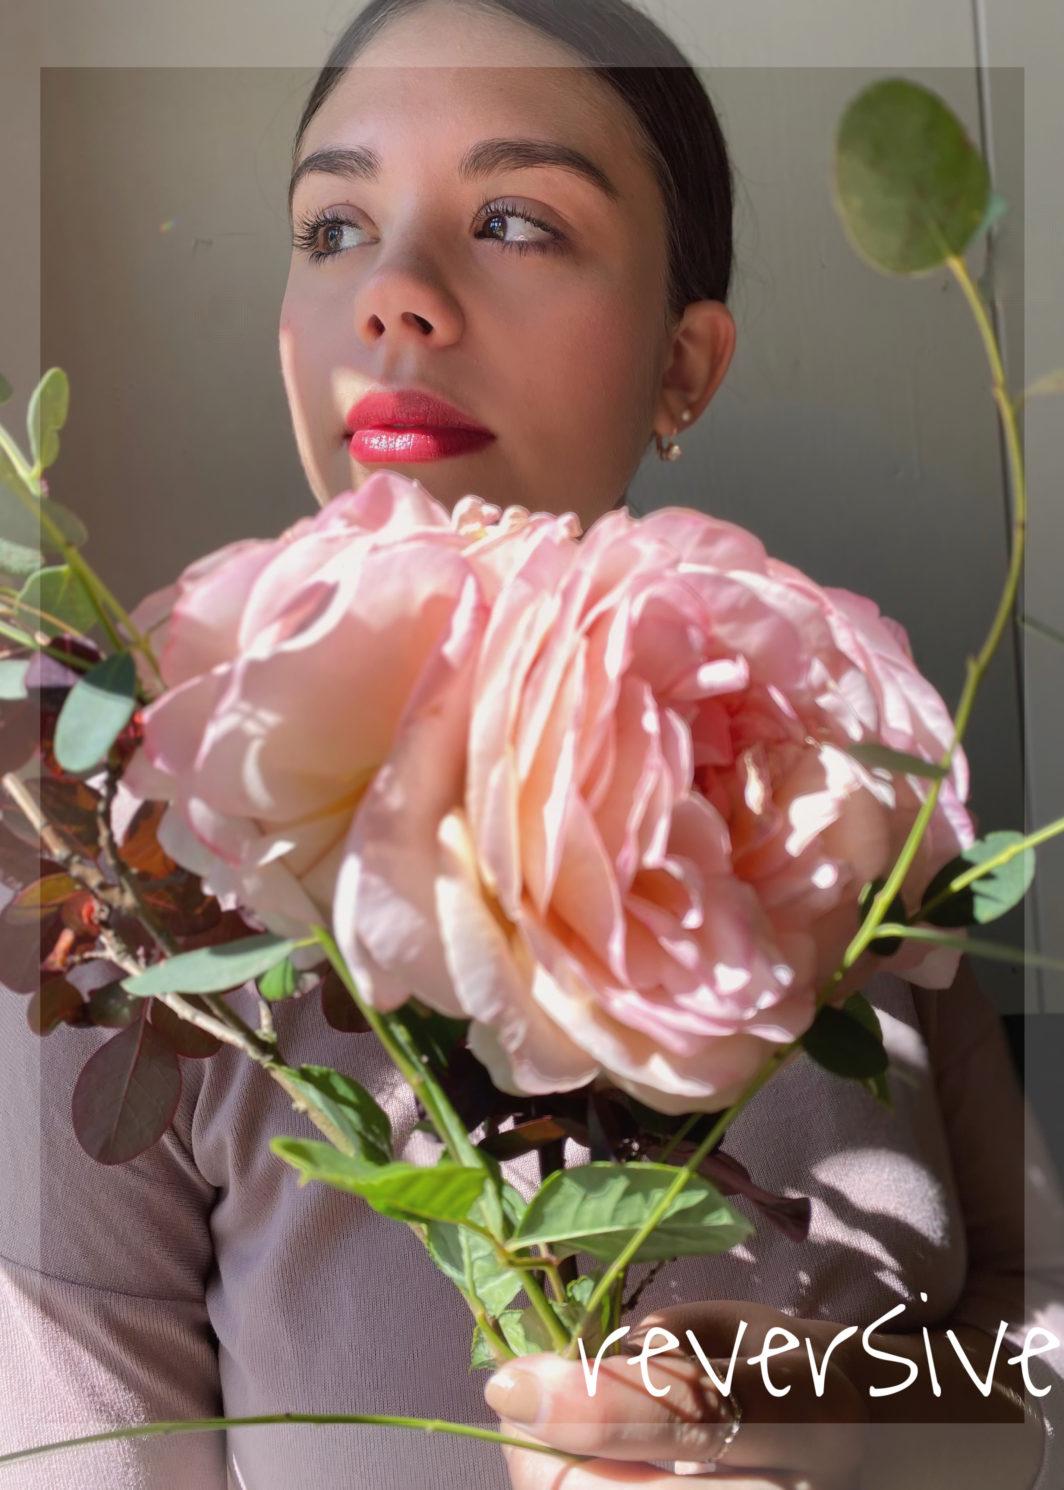 REVERSIVE Rosenbehandlung_Rosenbehandlung mit einem persönlichen Behandlungseffekt